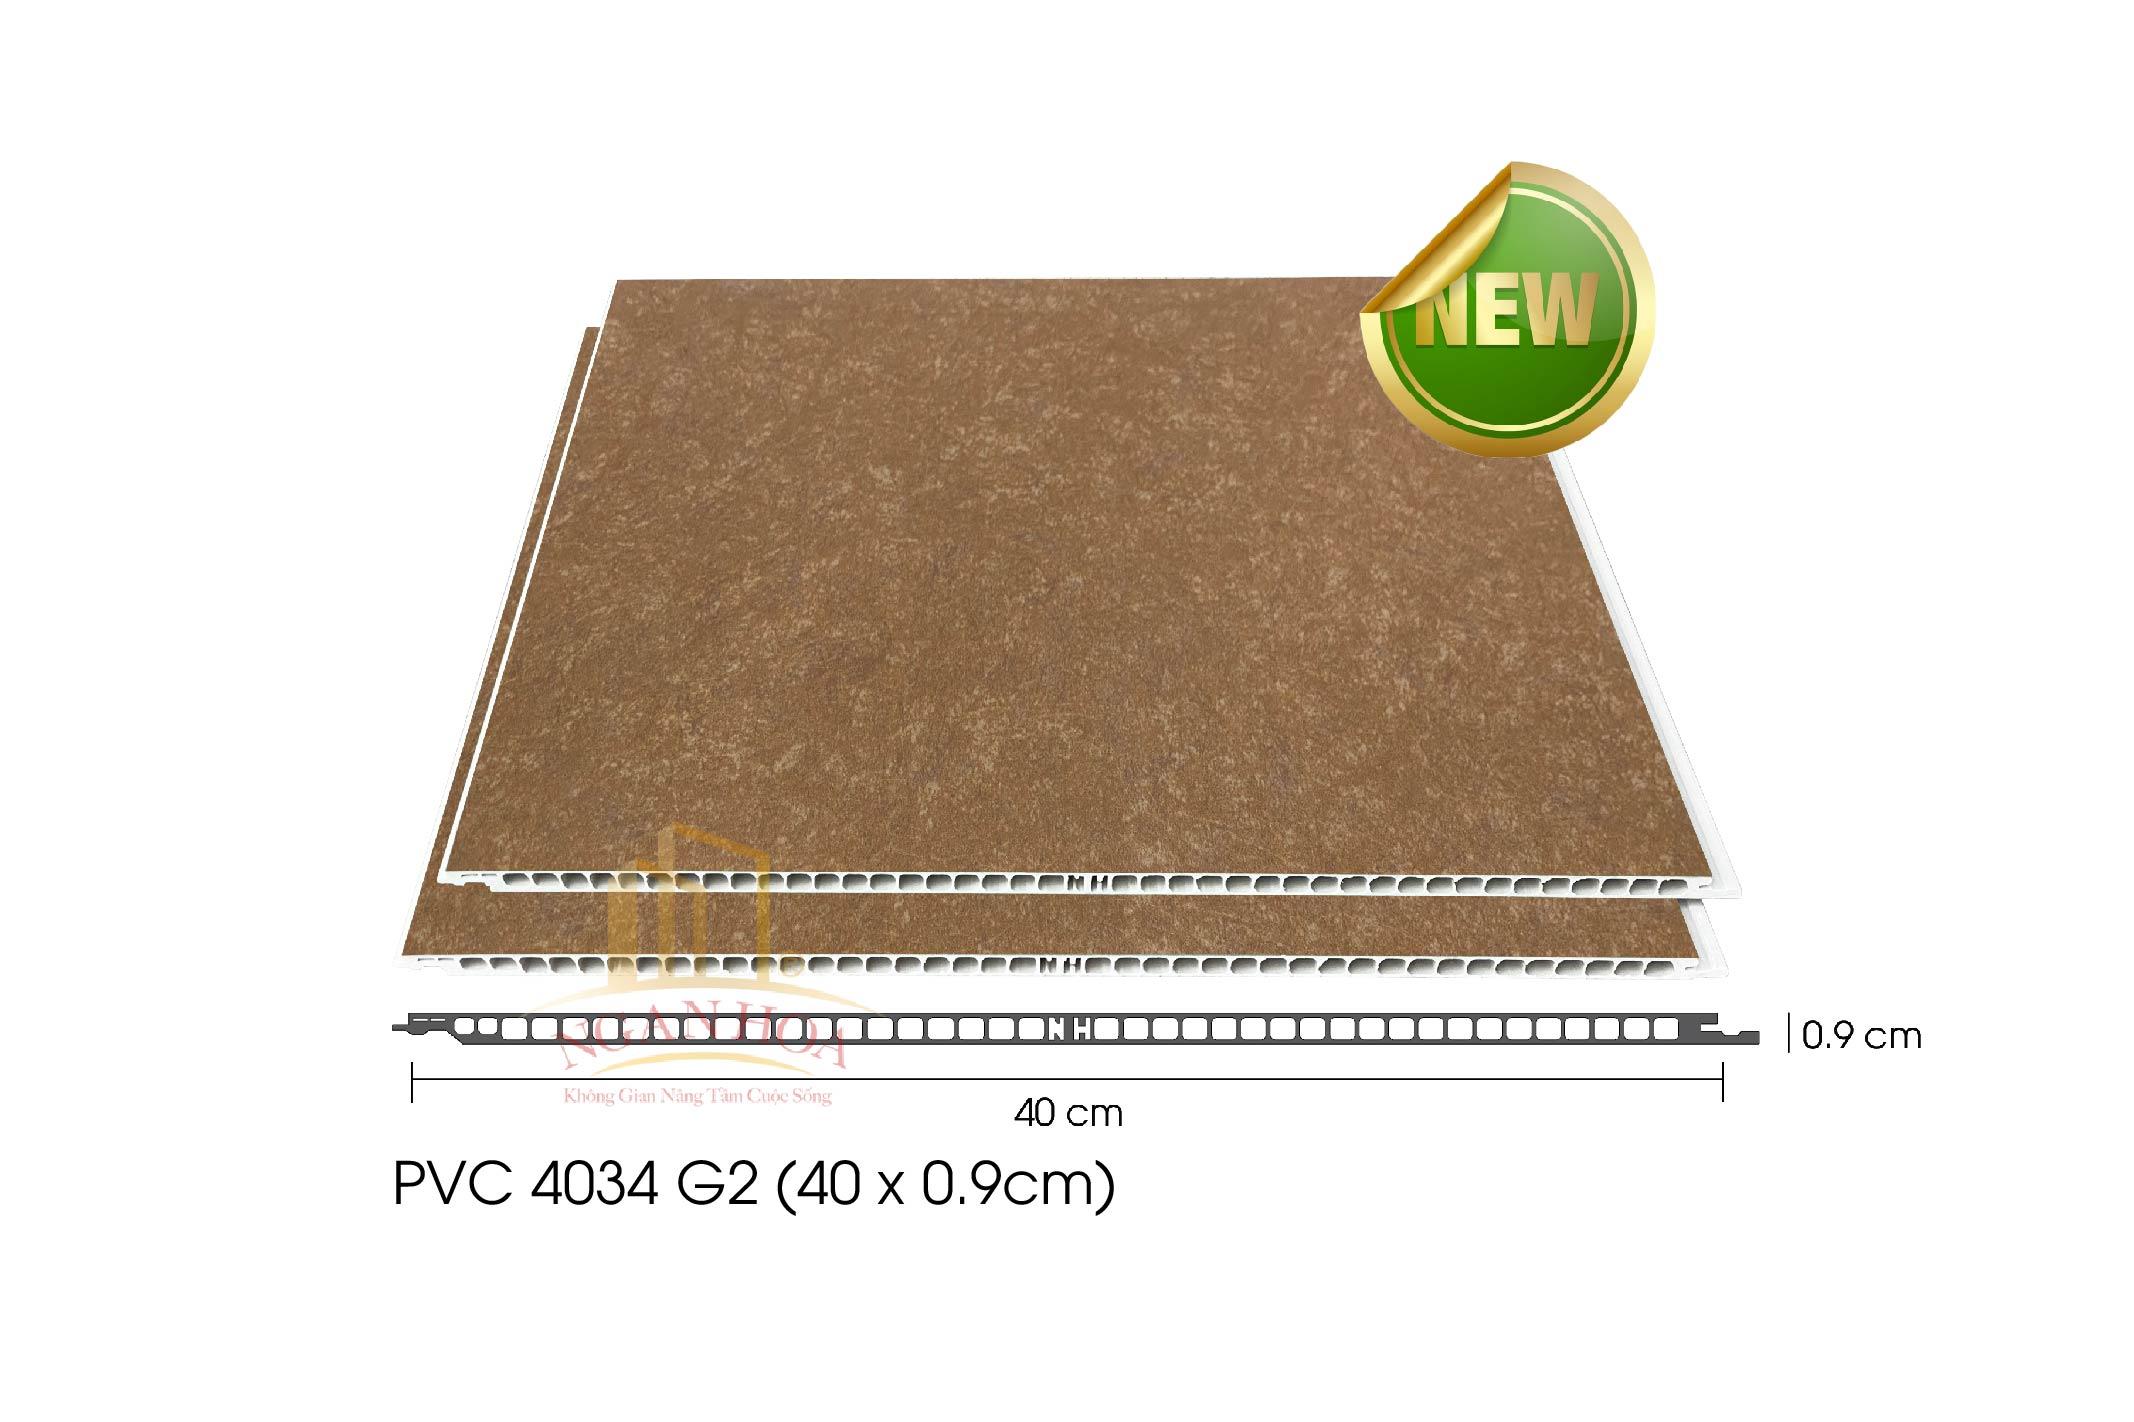 Tấm ốp PVC G2 4034